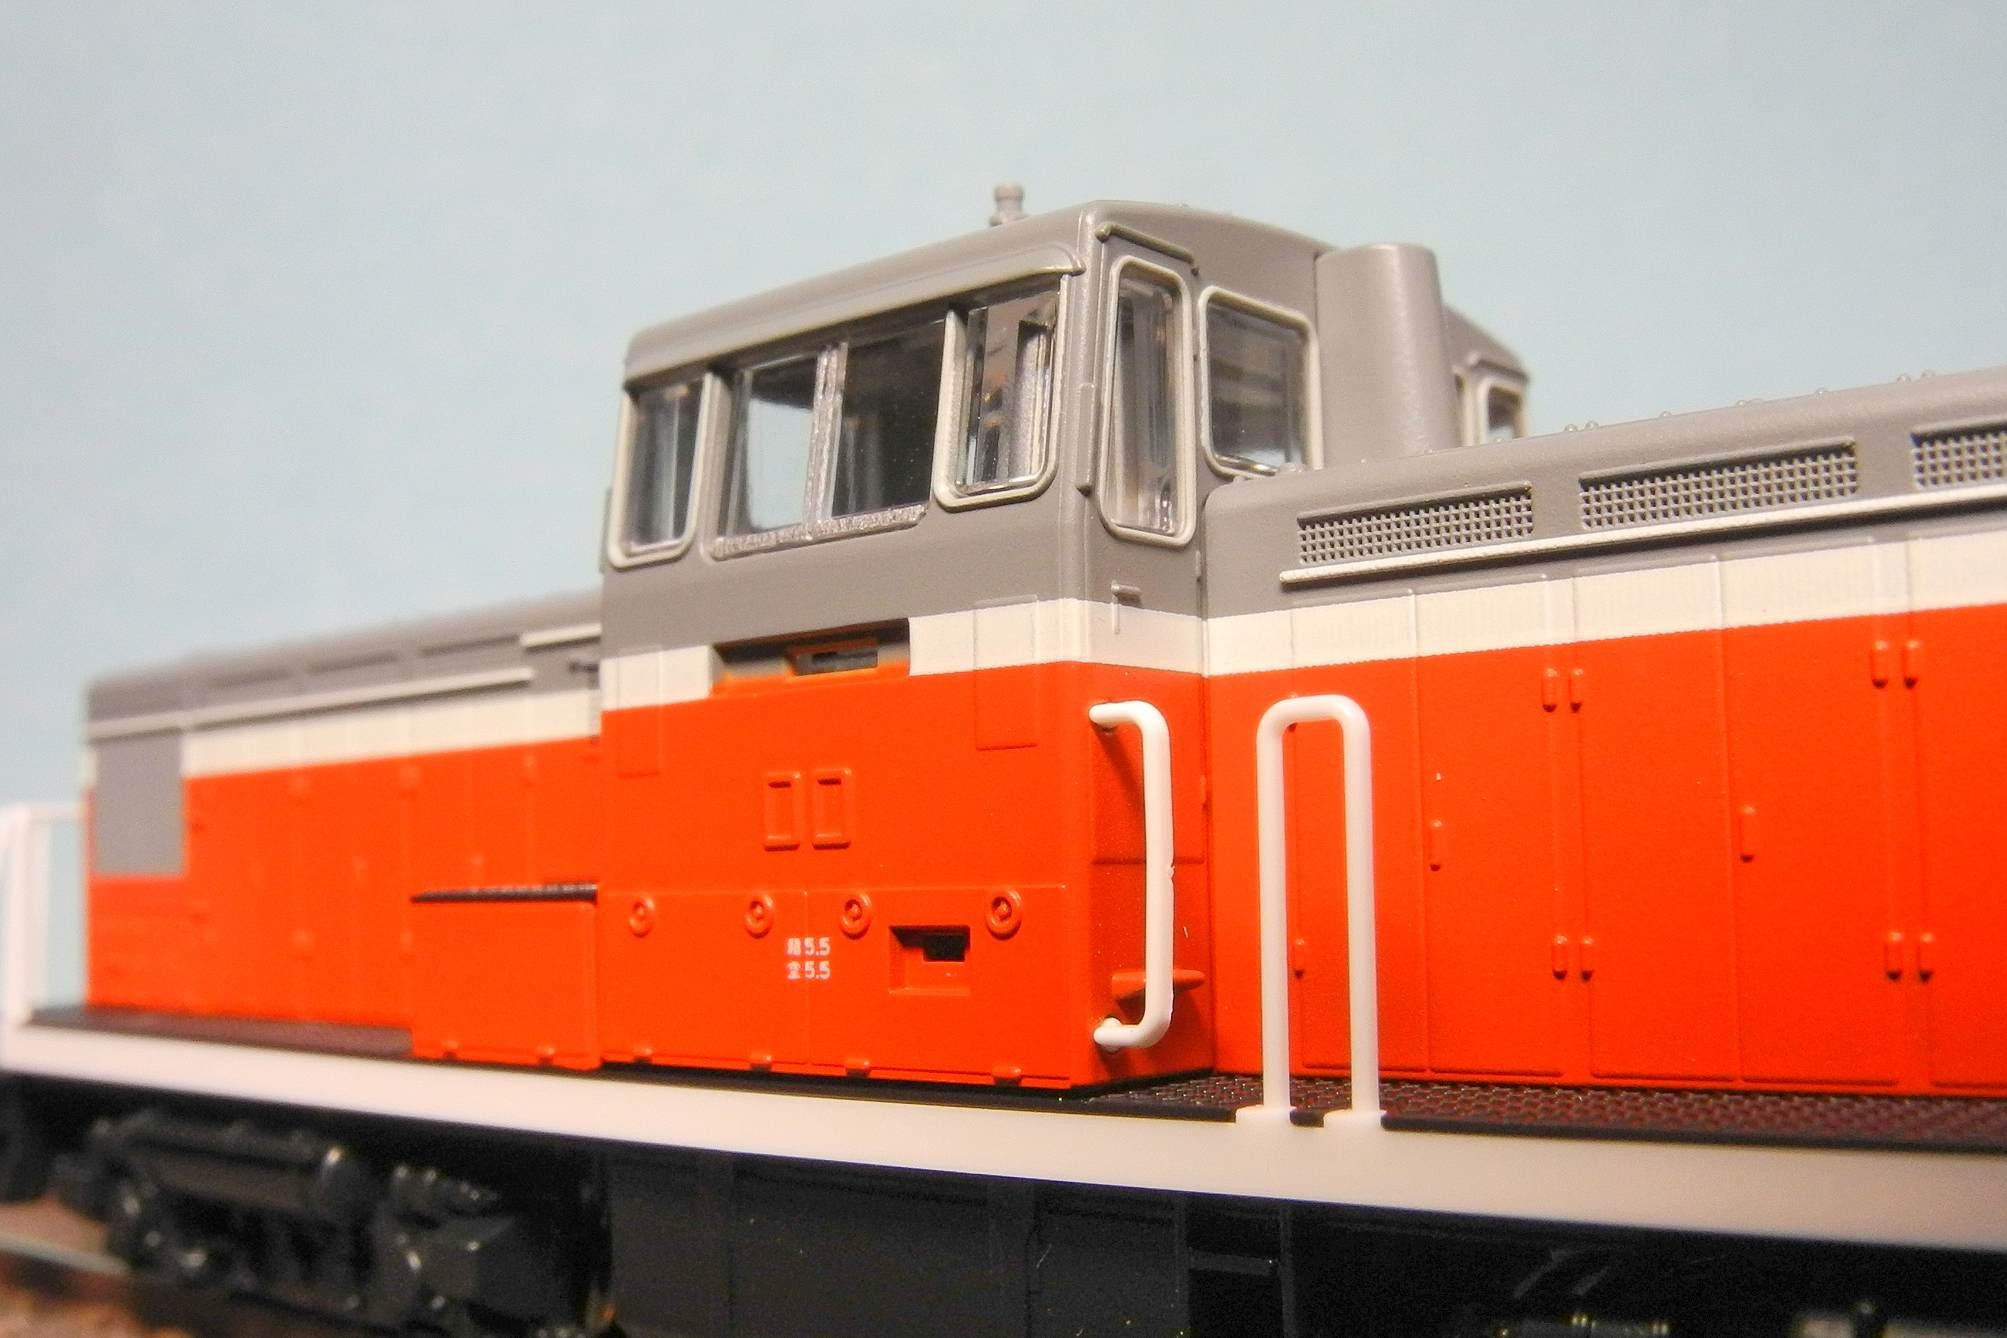 DSCN7057-1.jpg